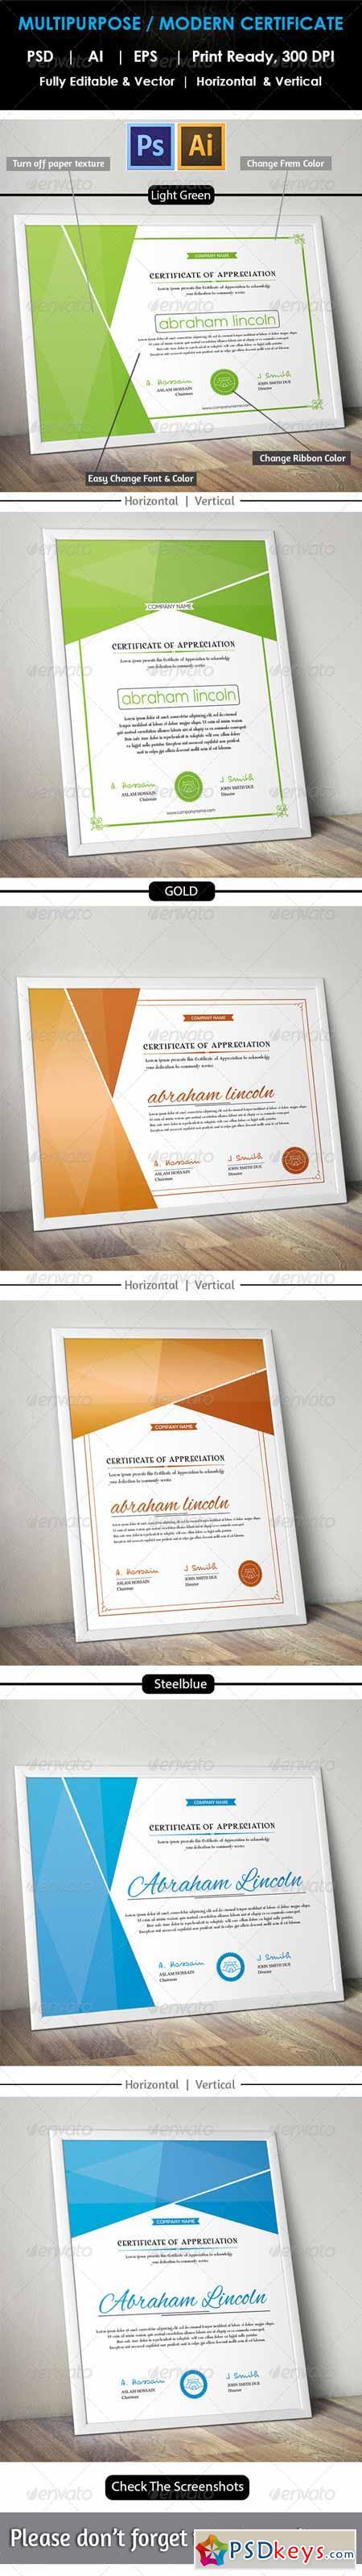 Simple Multipurpose Certificate GD012 8620898